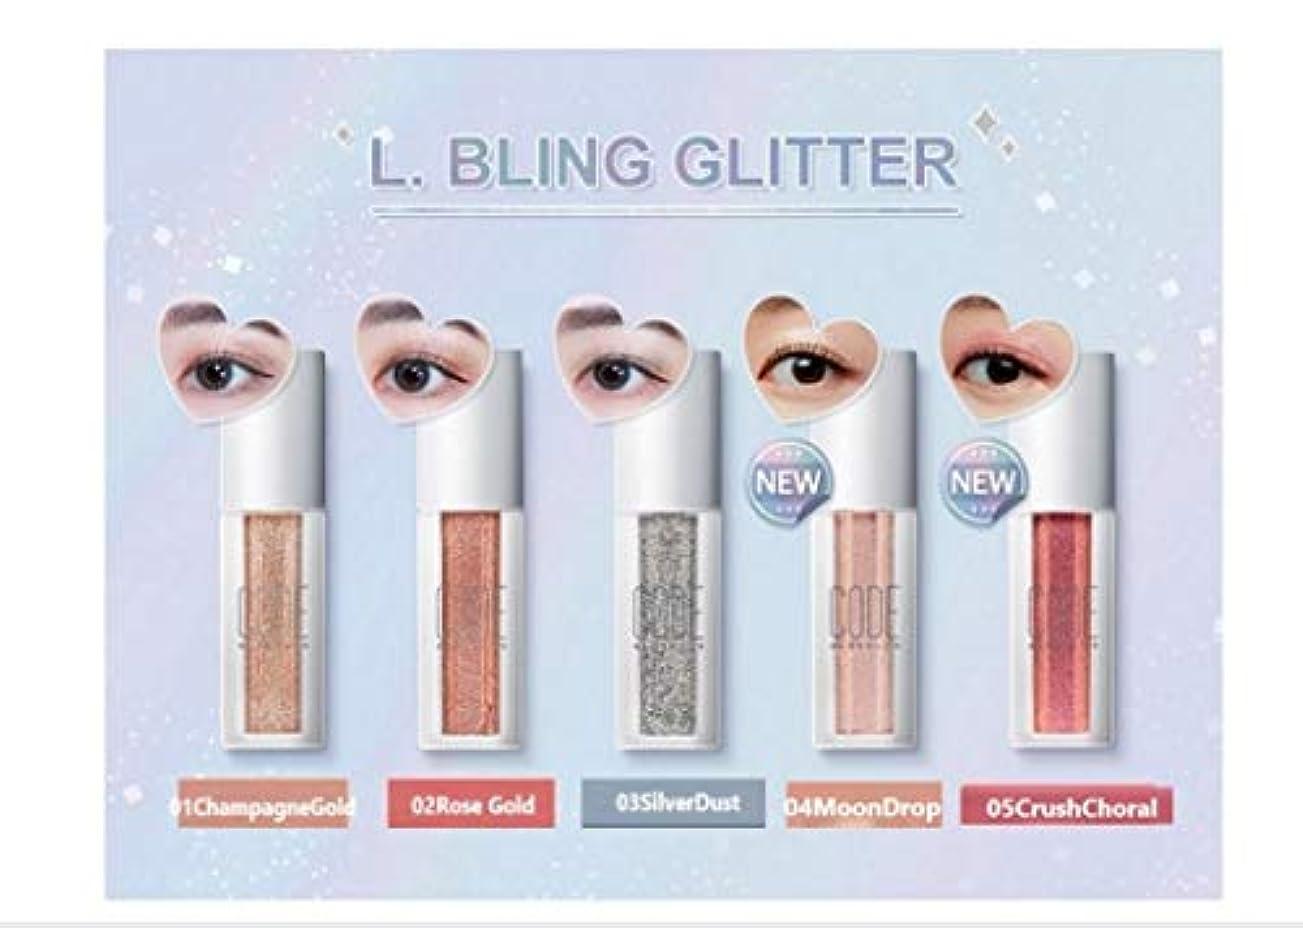 マスタード石膏志すCOOD☆Bling Glitter ブリング グリッターアイシャドウ 4.5g/NEW 2色[並行輸入品] (#05CrushChoral)